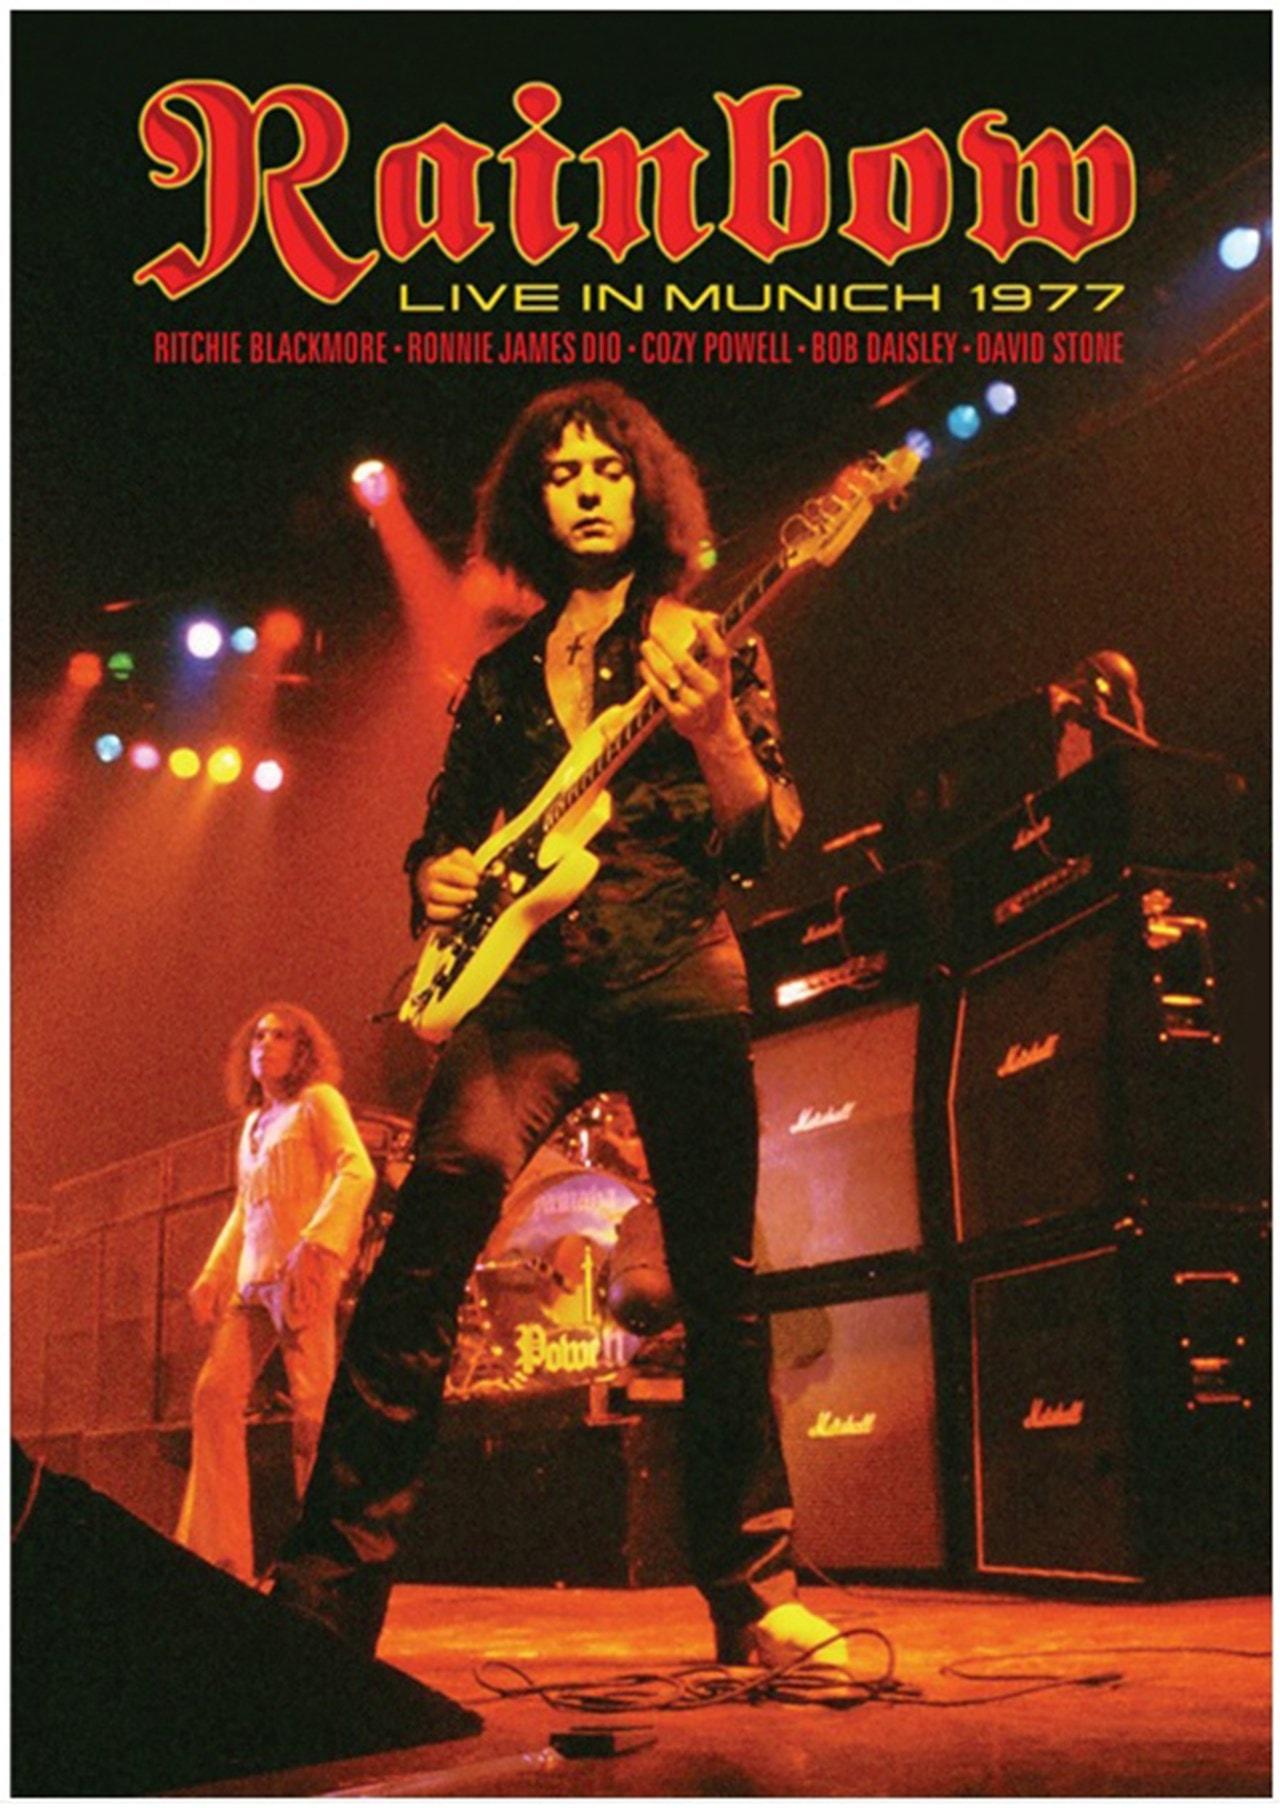 Rainbow: Live in Munich 1977 - 1